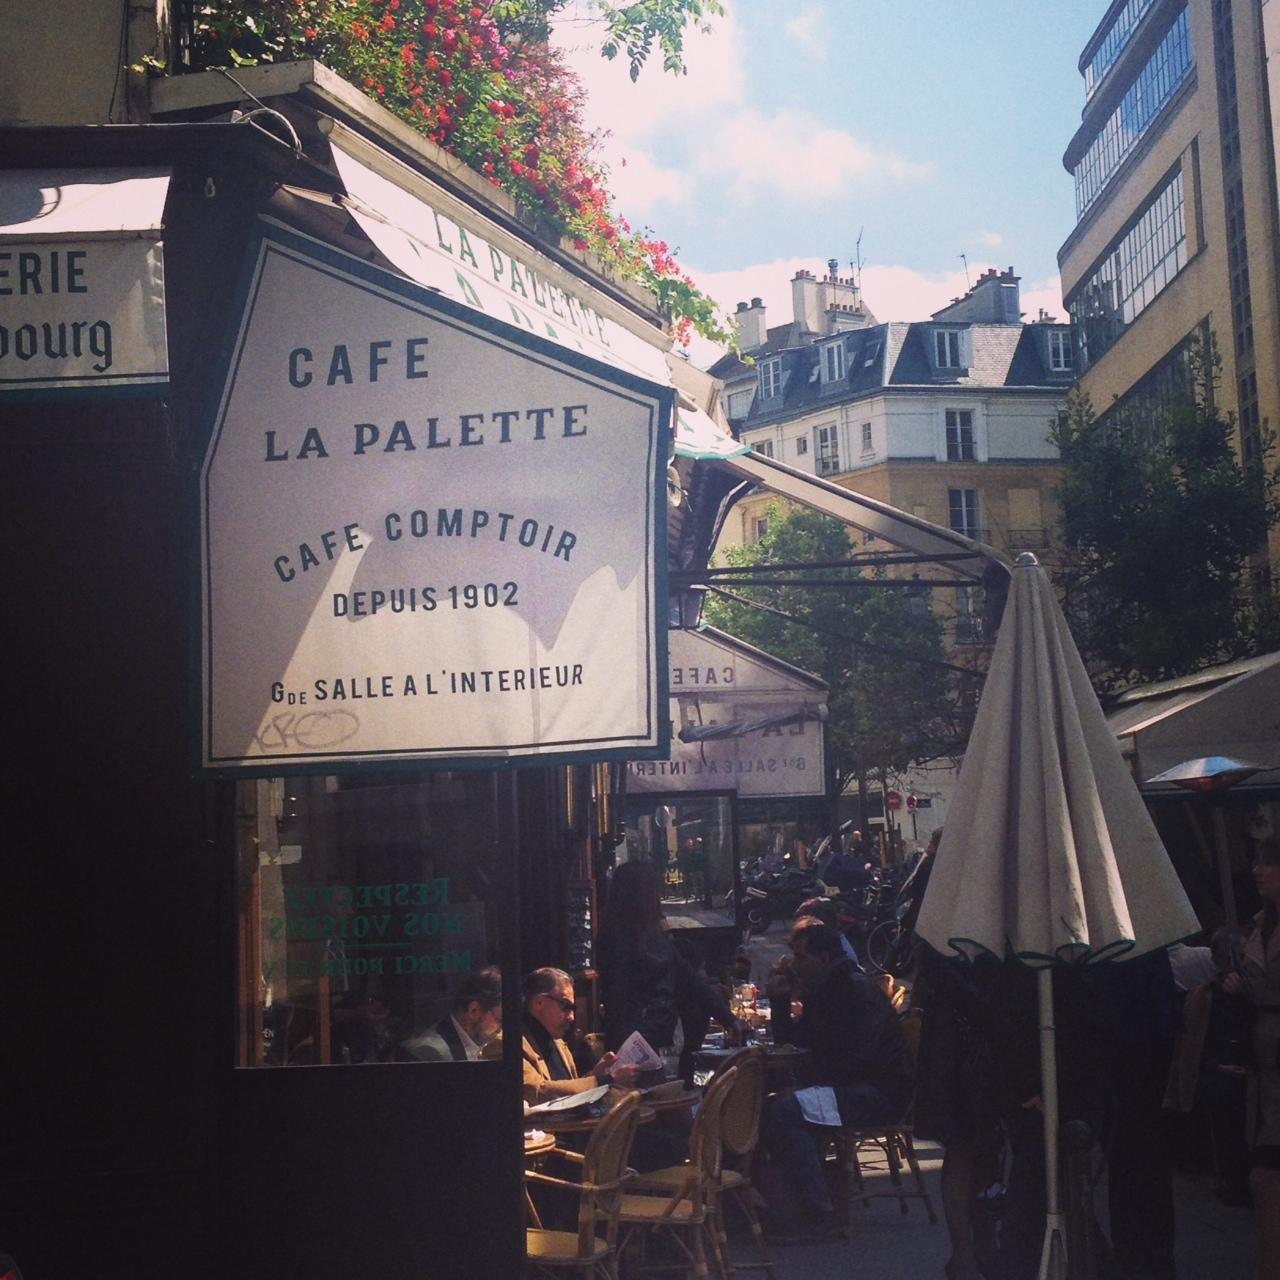 Solo Dining @ La Palette, Paris